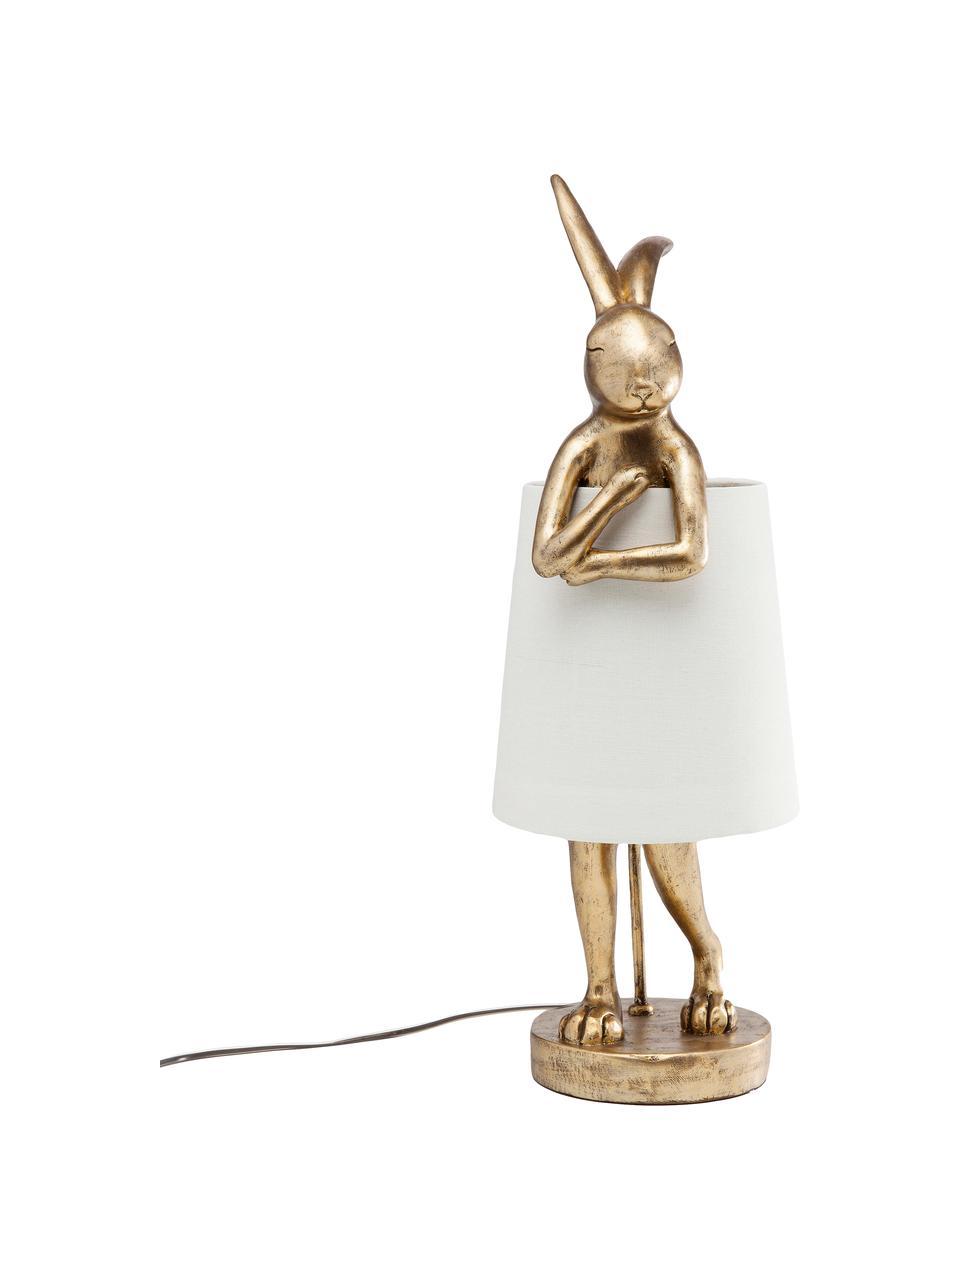 Große Design Tischlampe Rabbit, Lampenschirm: Leinen, Lampenfuß: Polyresin, Stange: Stahl, pulverbeschichtet, Weiß, Goldfarben, Ø 23 x H 68 cm